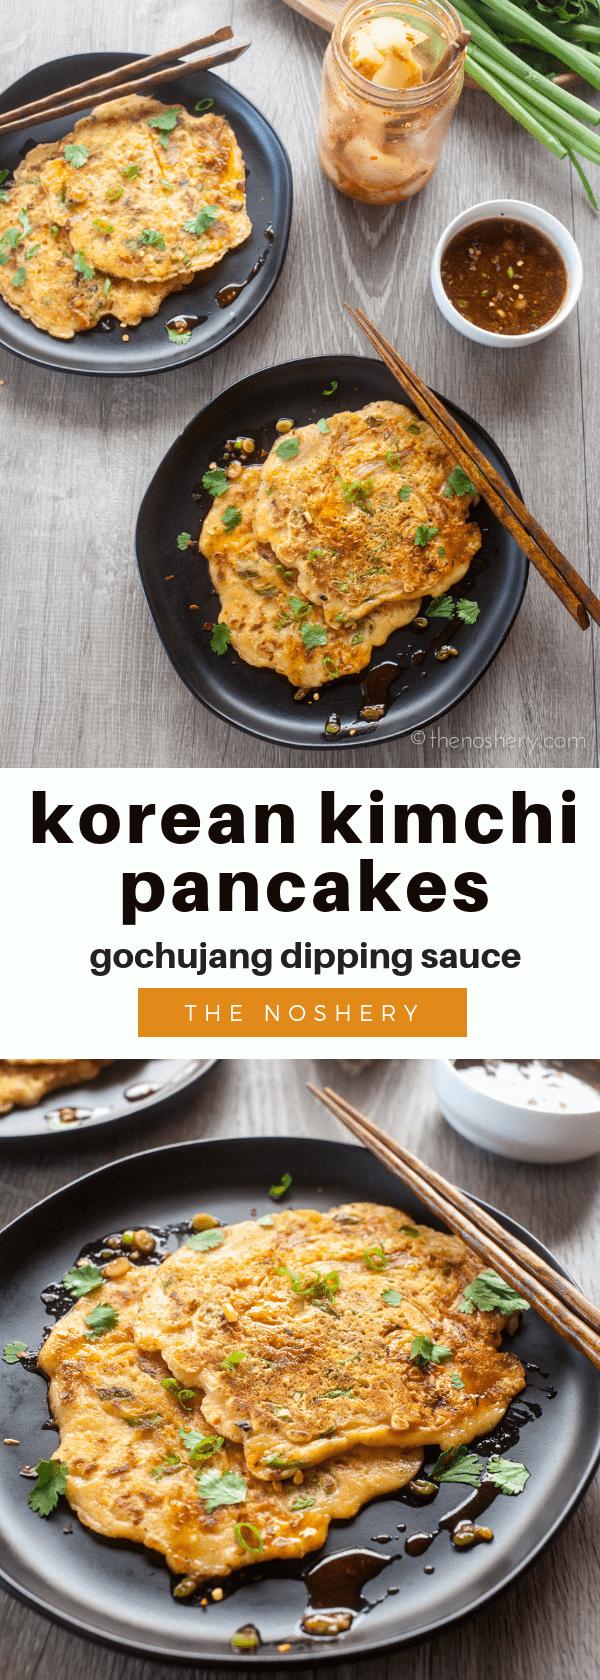 korean kimchi pancakes |